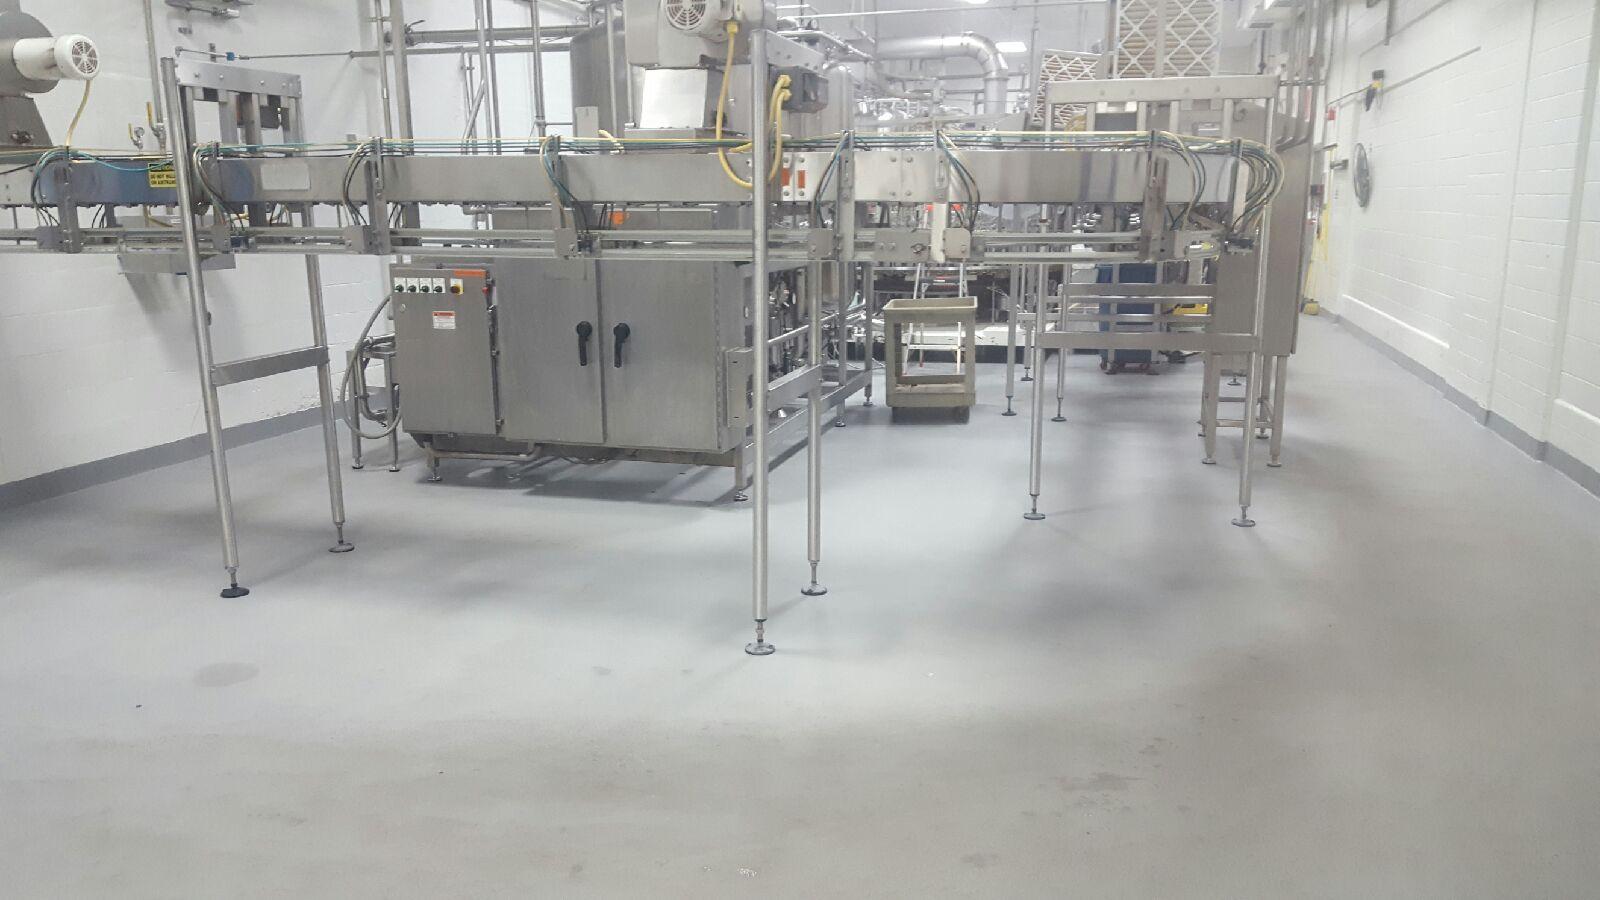 Food Manufactoring Facility